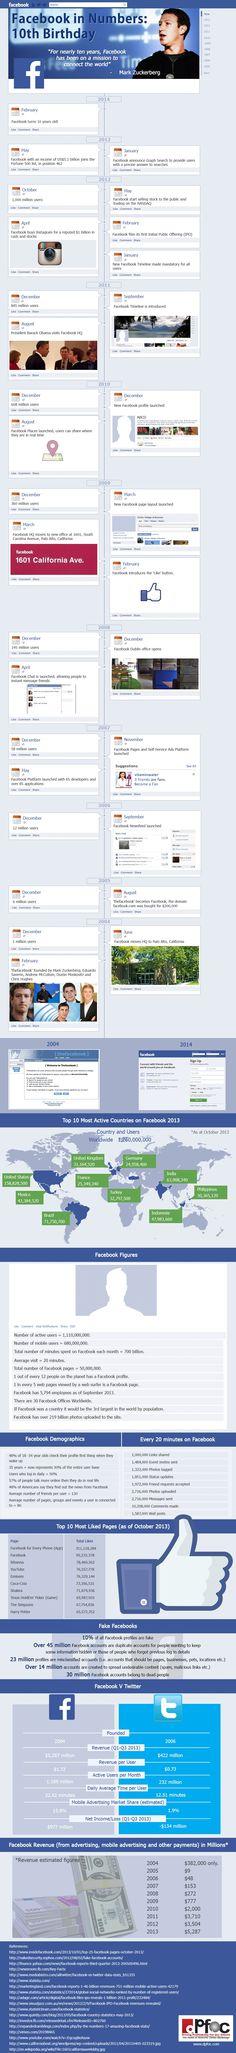 10 Jahre Facebook – eine Zeitleiste im Chronik-Stil | Kroker's Look @ IT